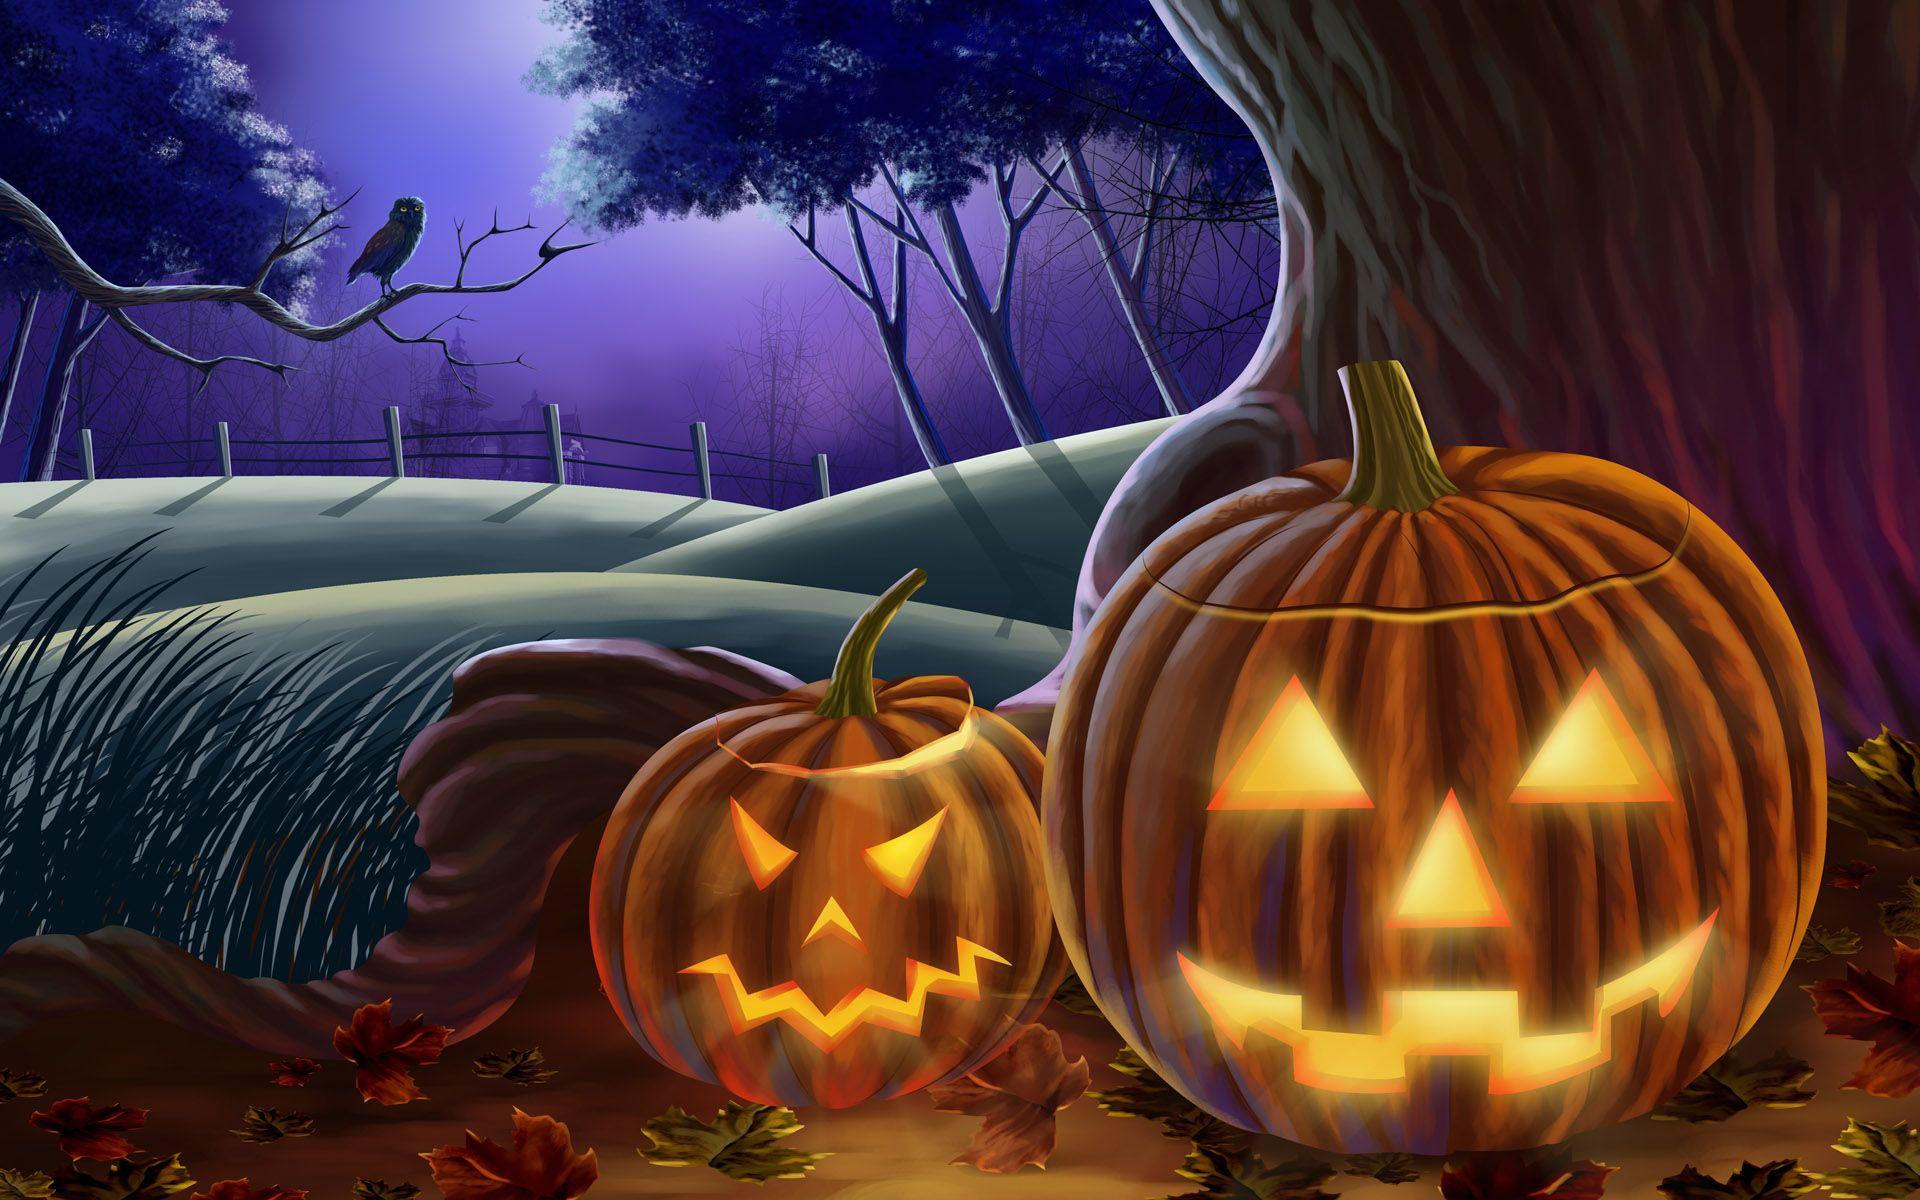 Animated Halloween Images Halloween Desktop Wallpaper Halloween